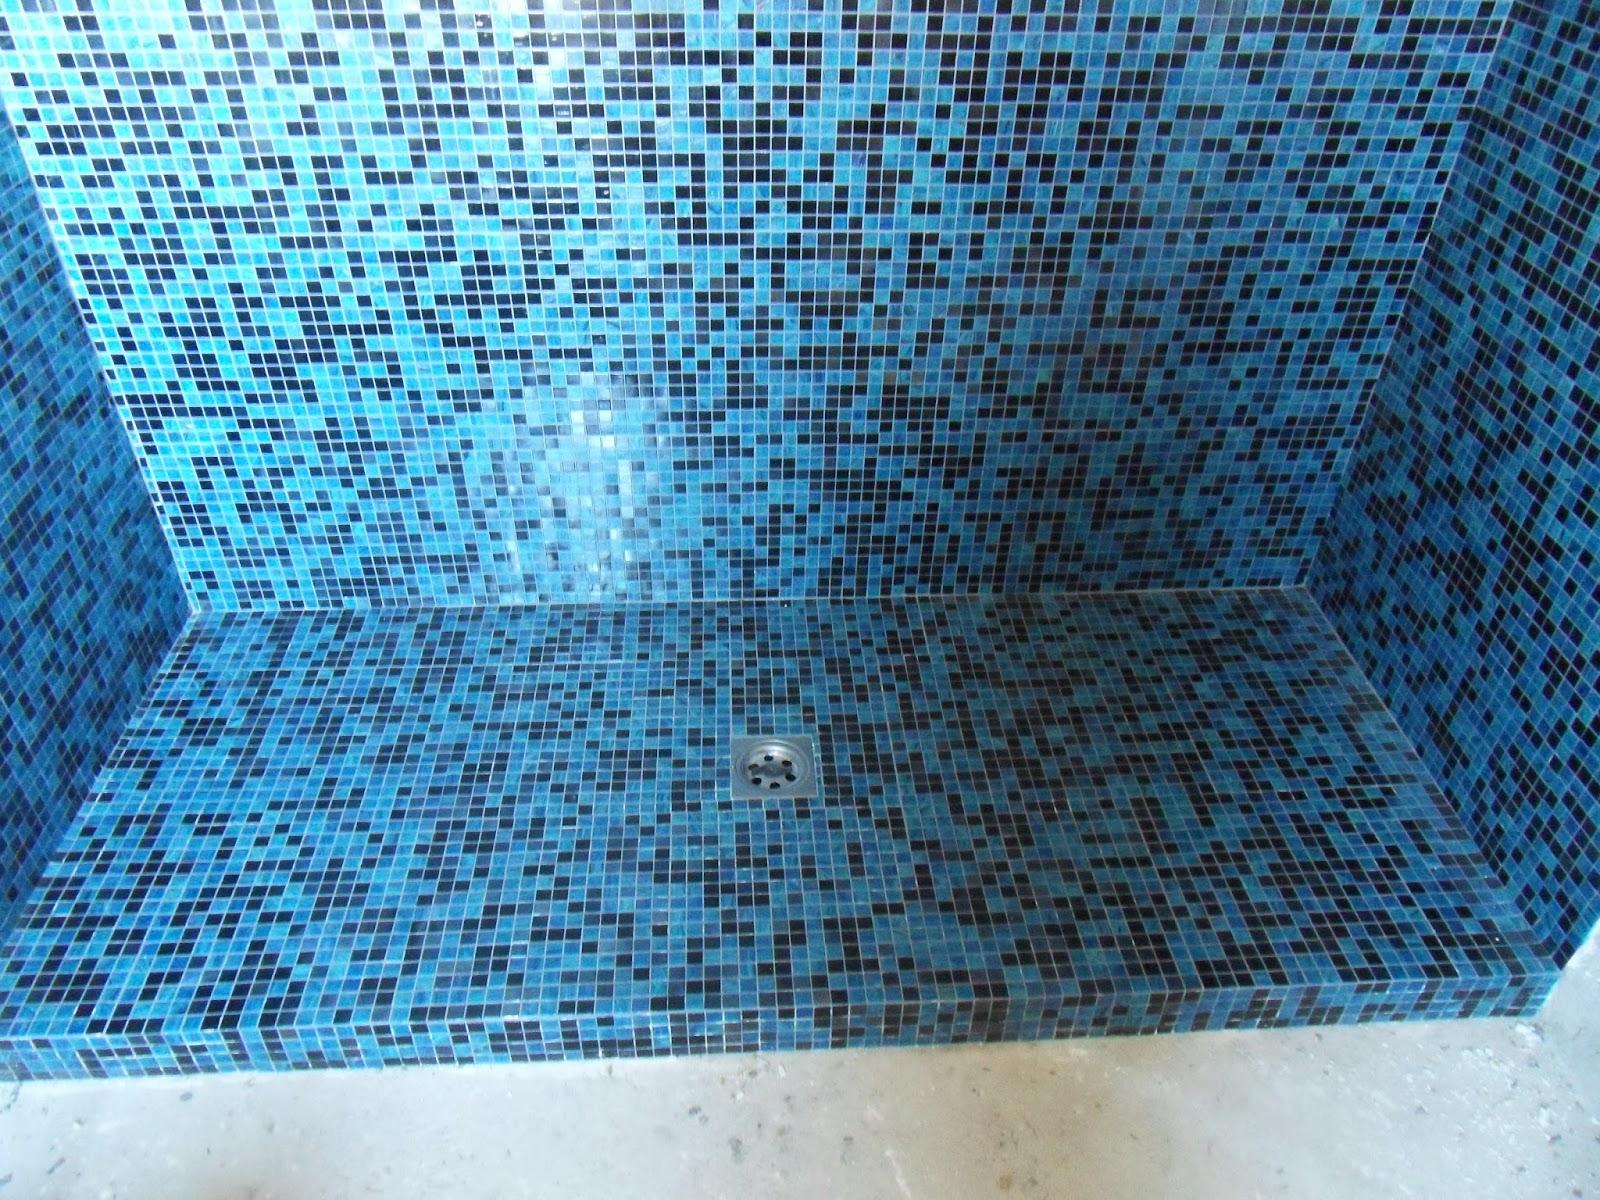 appunti di architettura: interior design - i piatti doccia ...